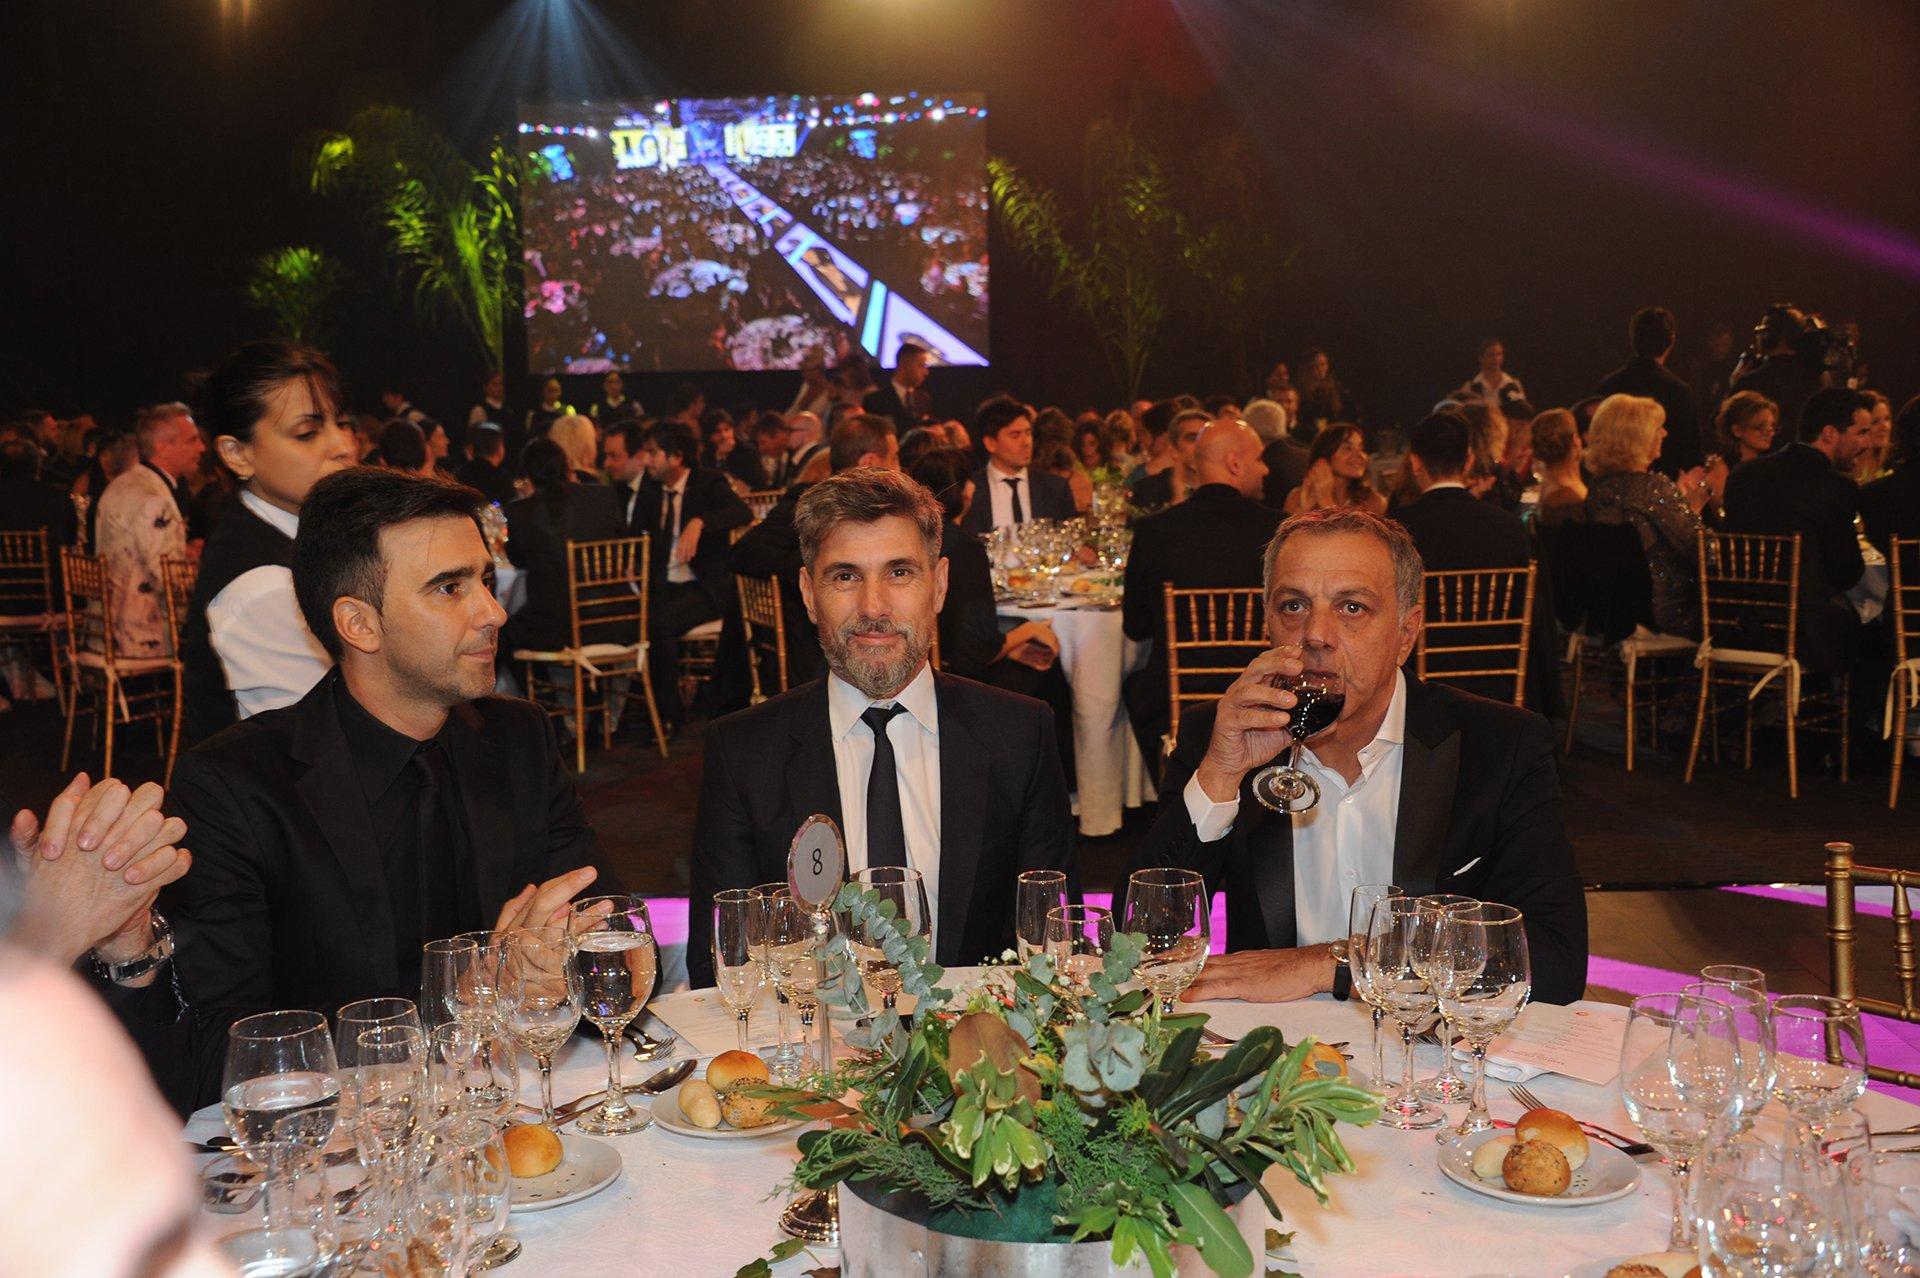 Federico Hope, Pablo Chato Prada y Claudio Salomone, parte del equipo de ShowMatch, en la noche de los Martín Fierro 2016